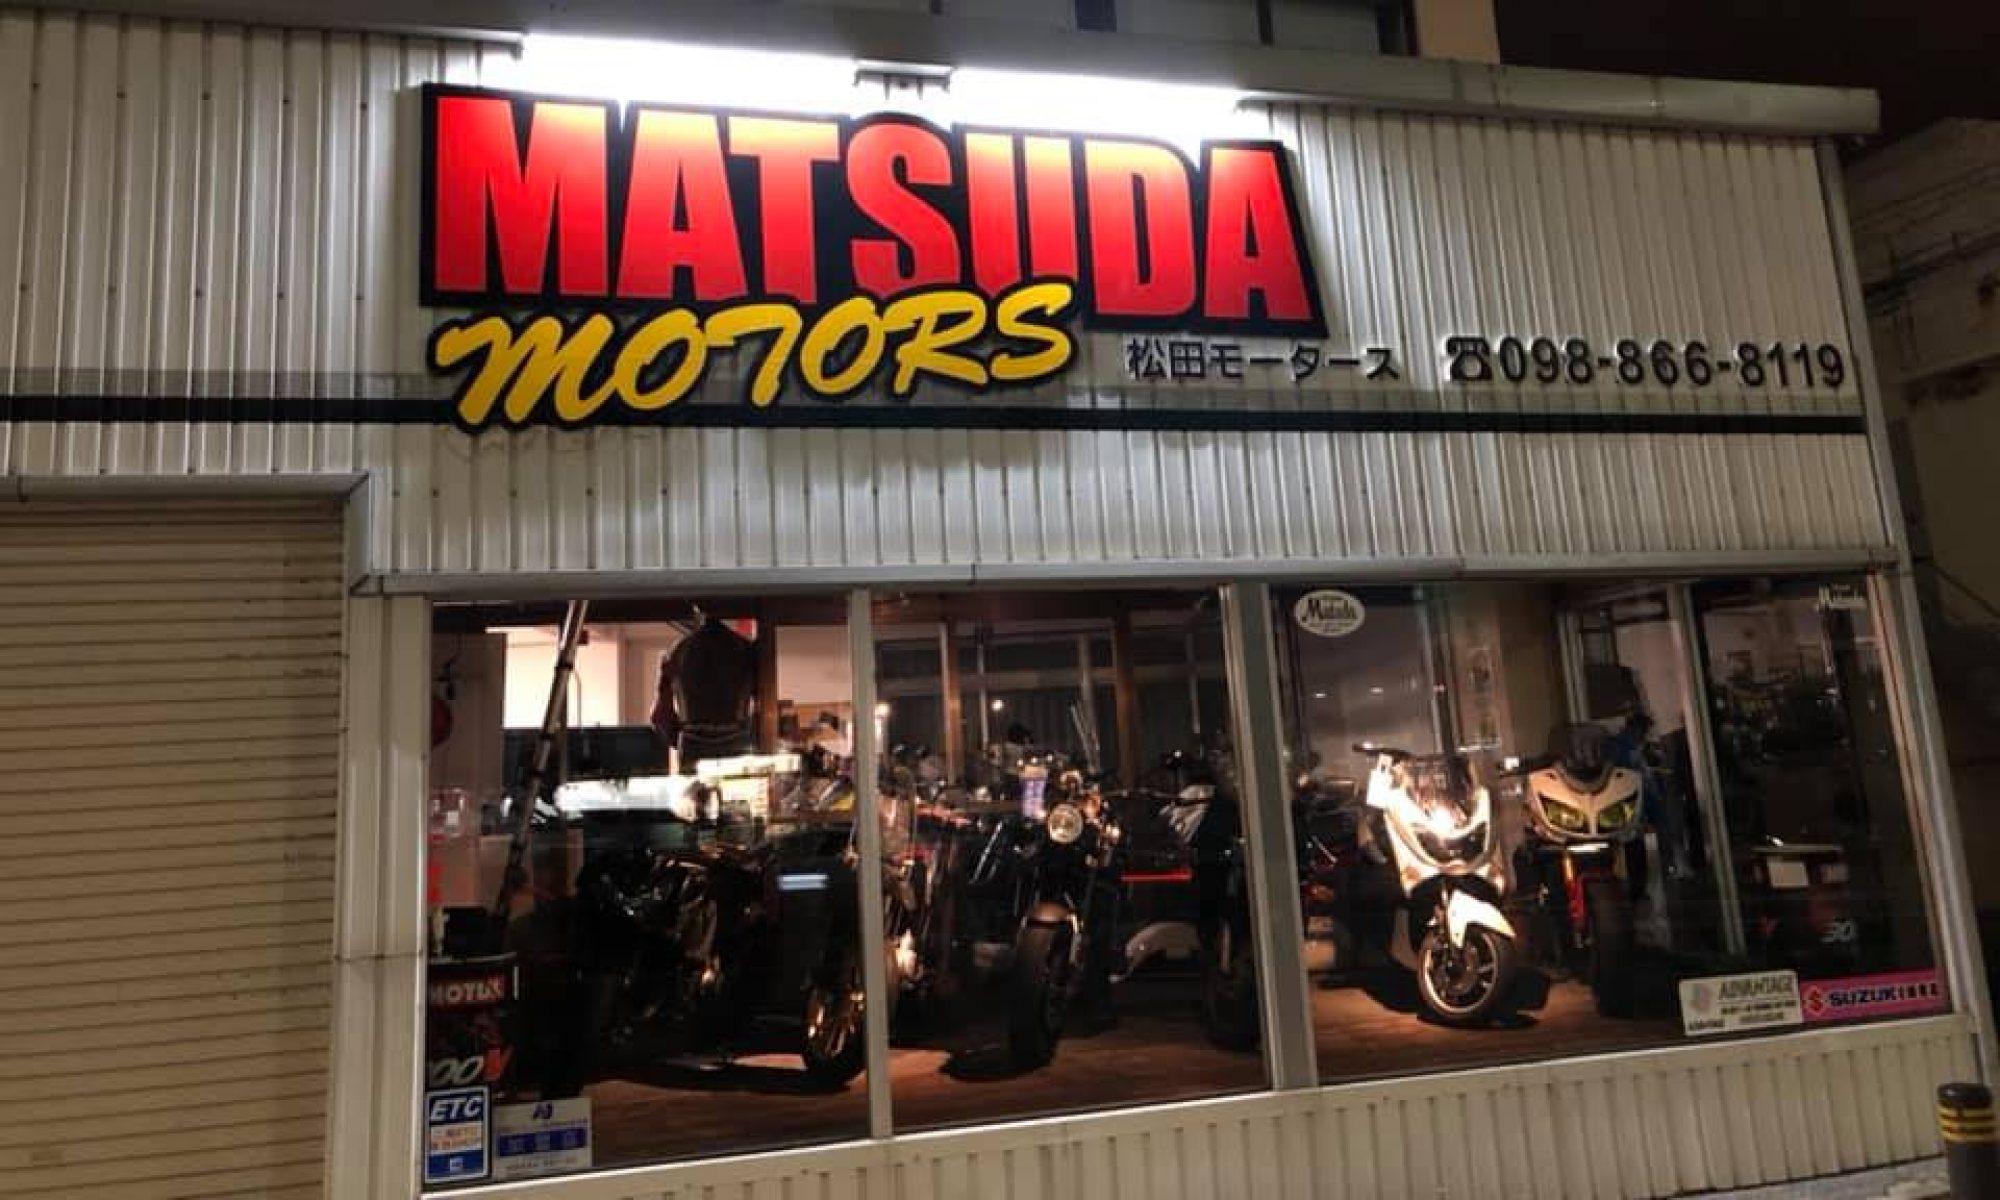 松田モータース 沖縄バイク販売・買取り依頼 出張査定無料 お気軽にお問い合わせください